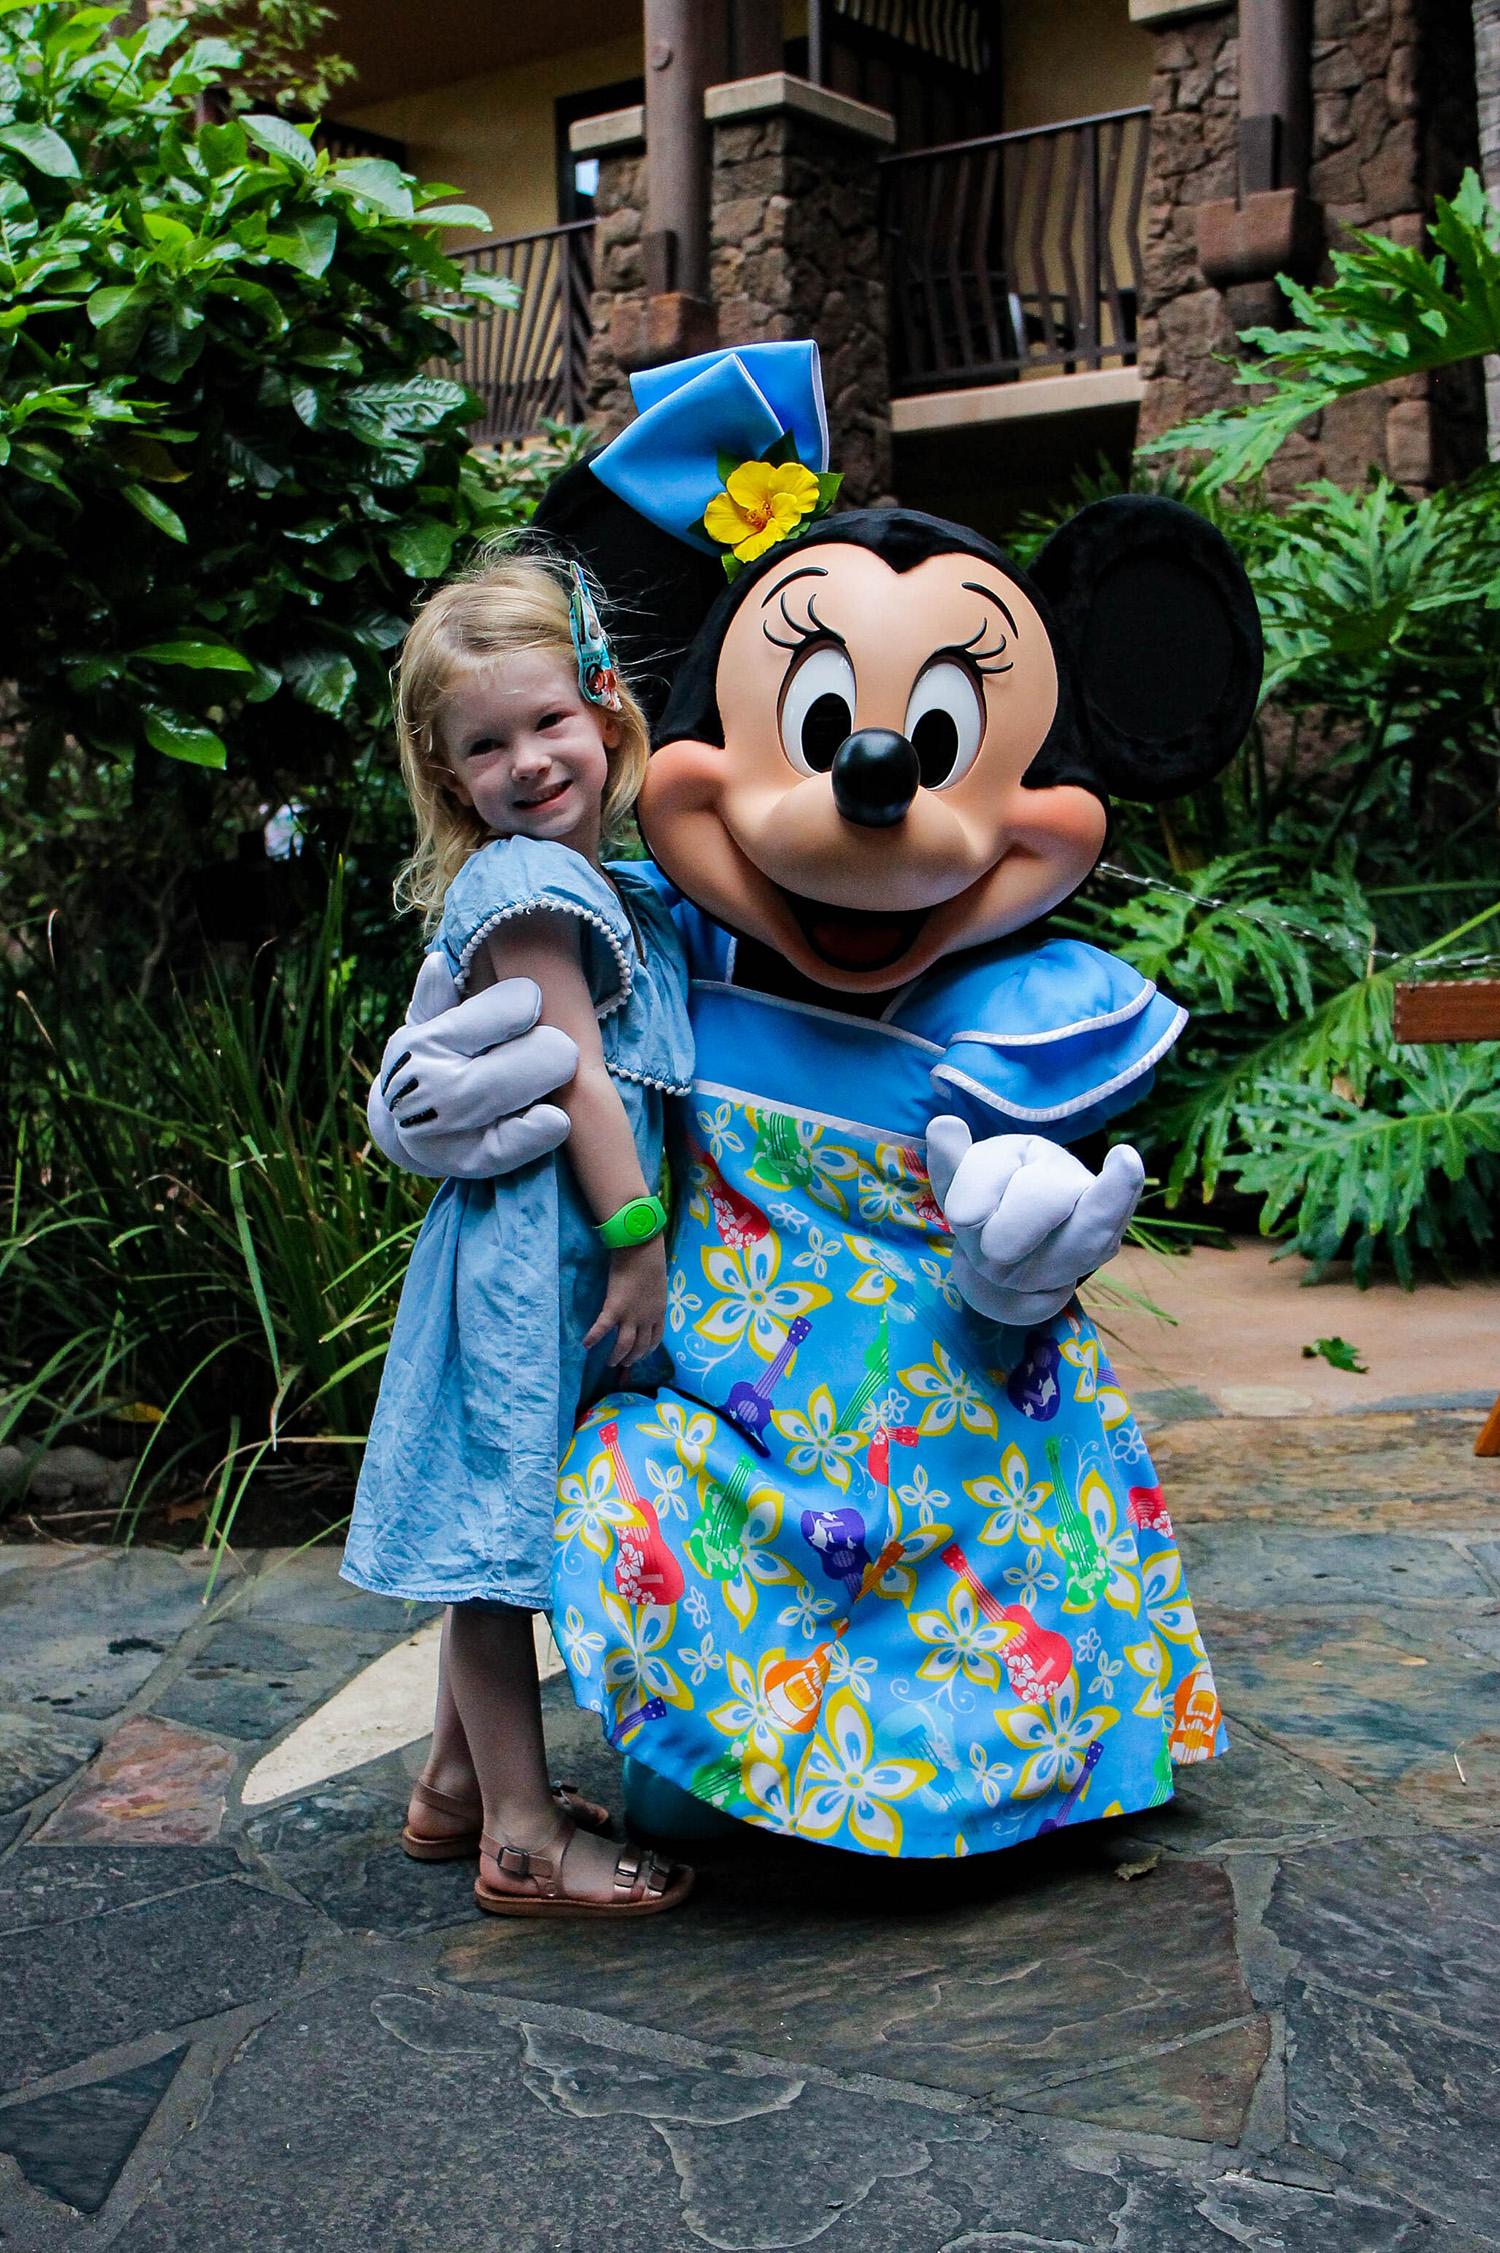 Minnie at Aulani, isn't her dress the cutest?!?